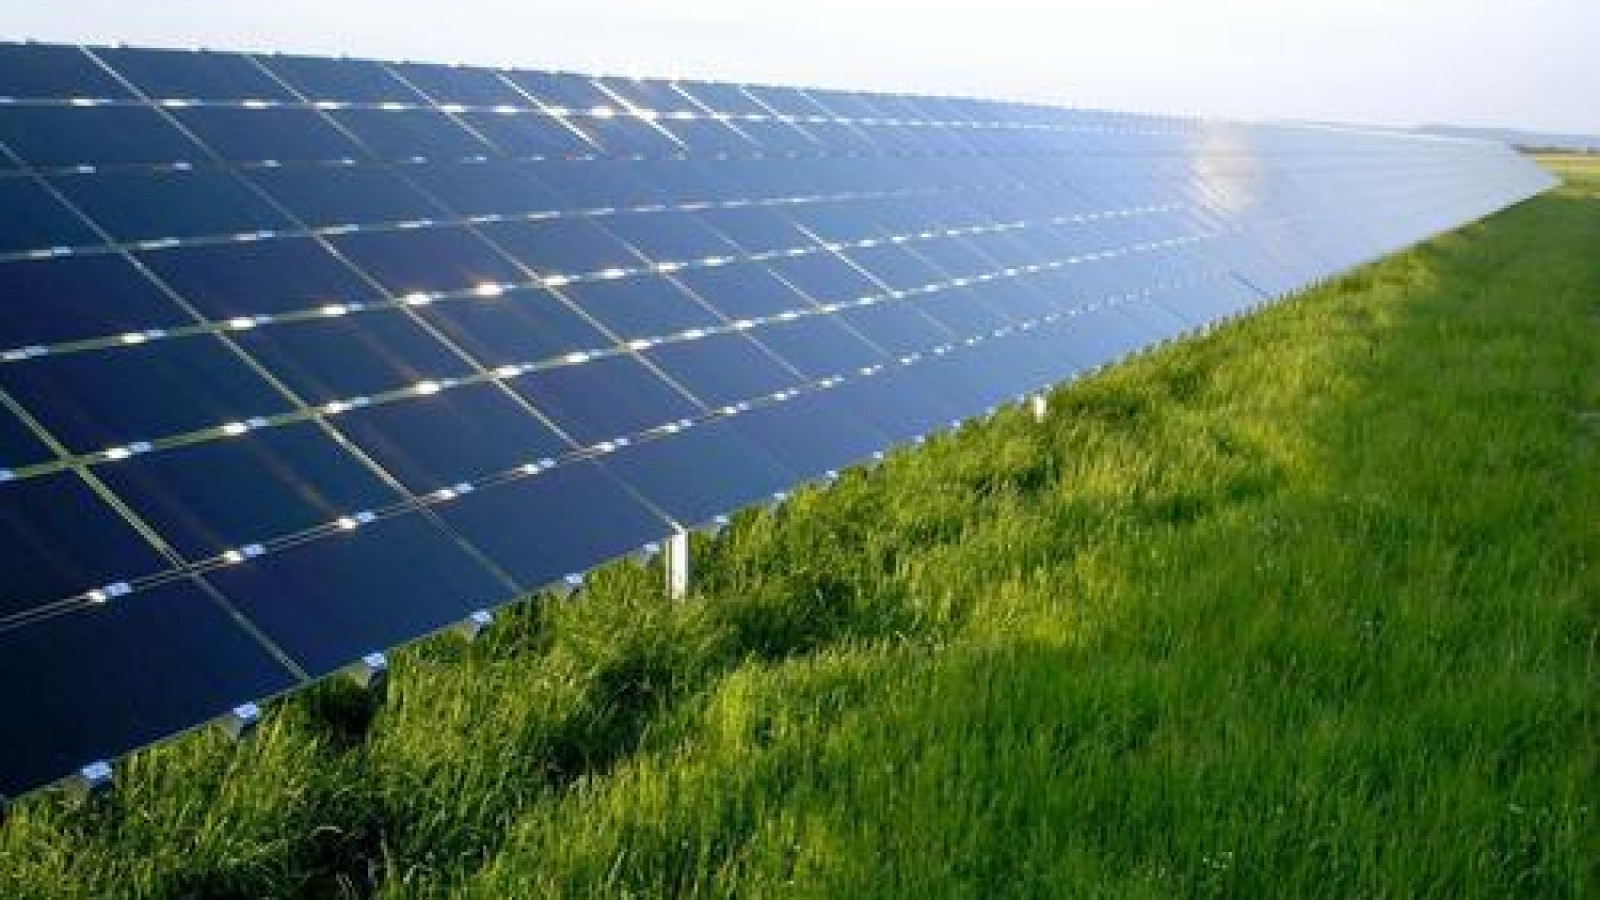 Goois Natuurreservaat: geen windmolens en zonneparken in onze natuur